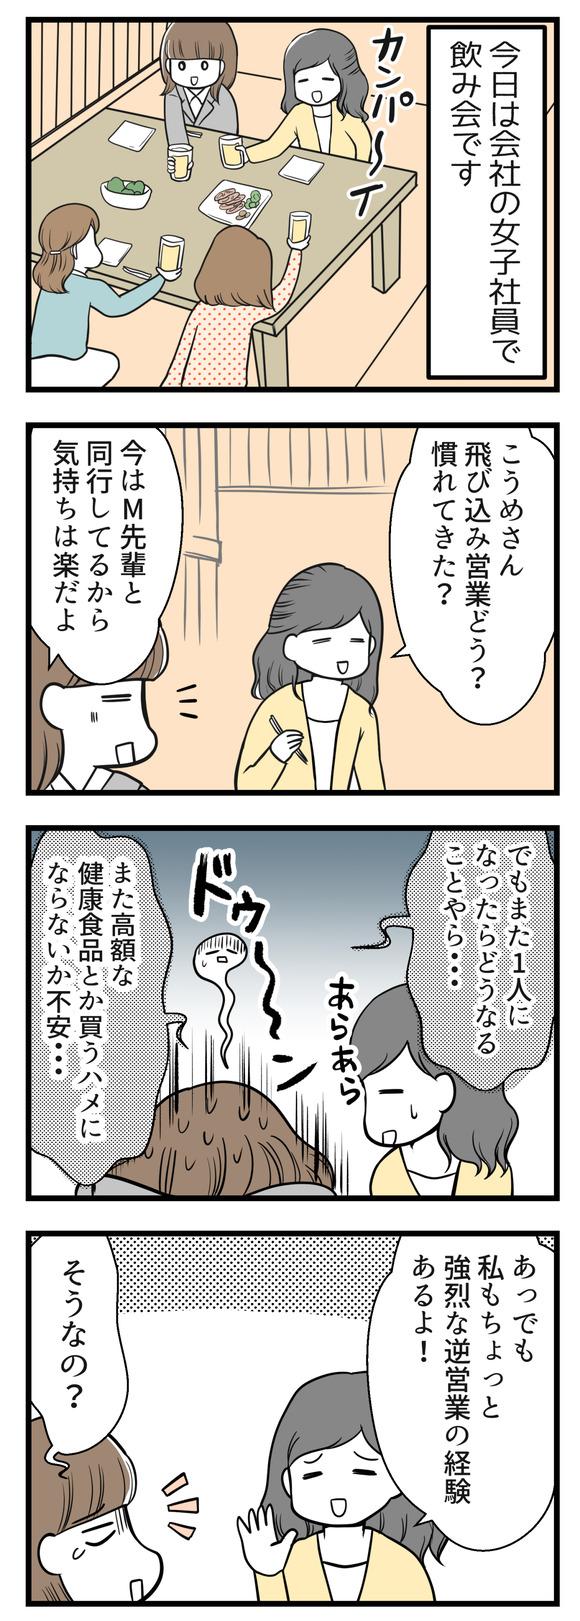 【ビンボーOL編21】同期の逆営業経験談